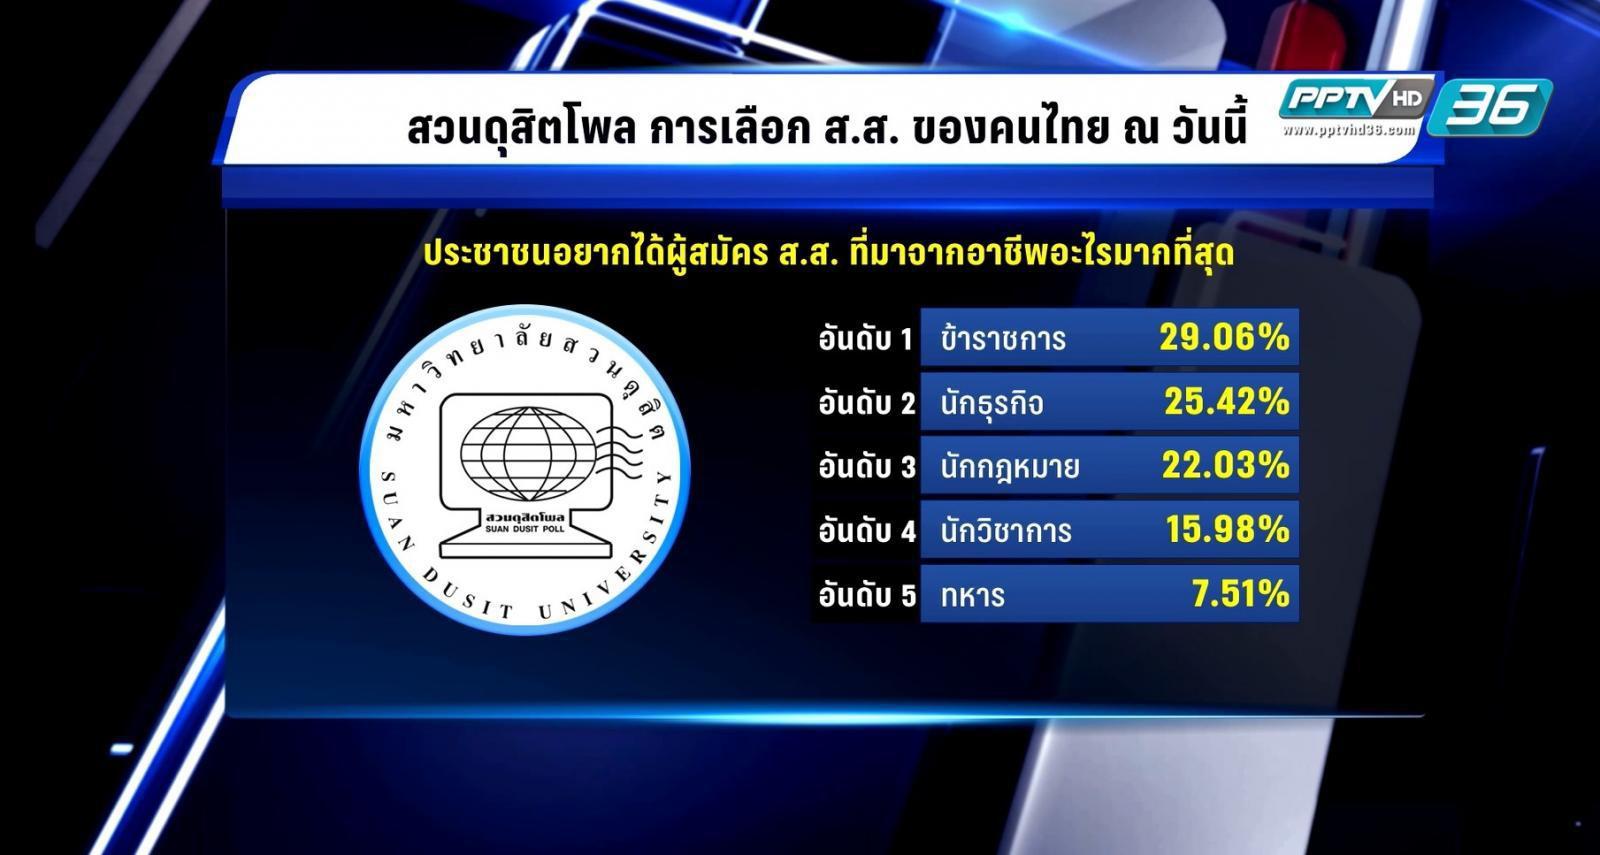 สวนดุสิตโพล เผยคนไทยอยากได้ ส.ส.ข้าราชการ-จบเศรษฐศาสตร์